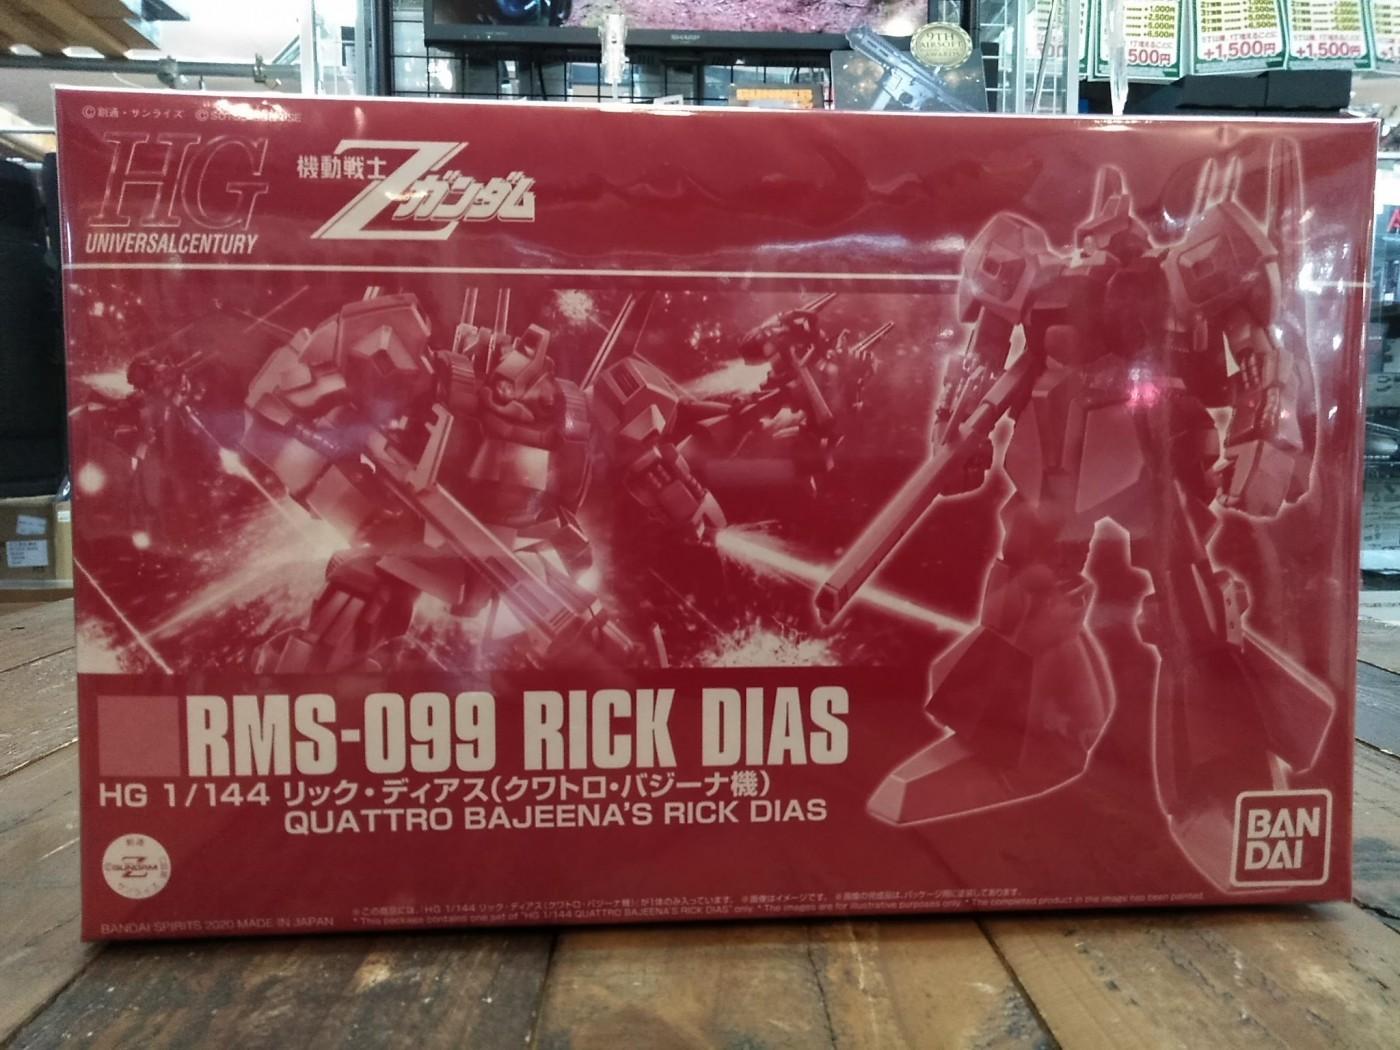 ゼスト所沢店の買取情報!!『バンダイの1/144 HG RMS-099 リック・ディアス(クワトロ・バジーナ機) 「機動戦士Zガンダム」』